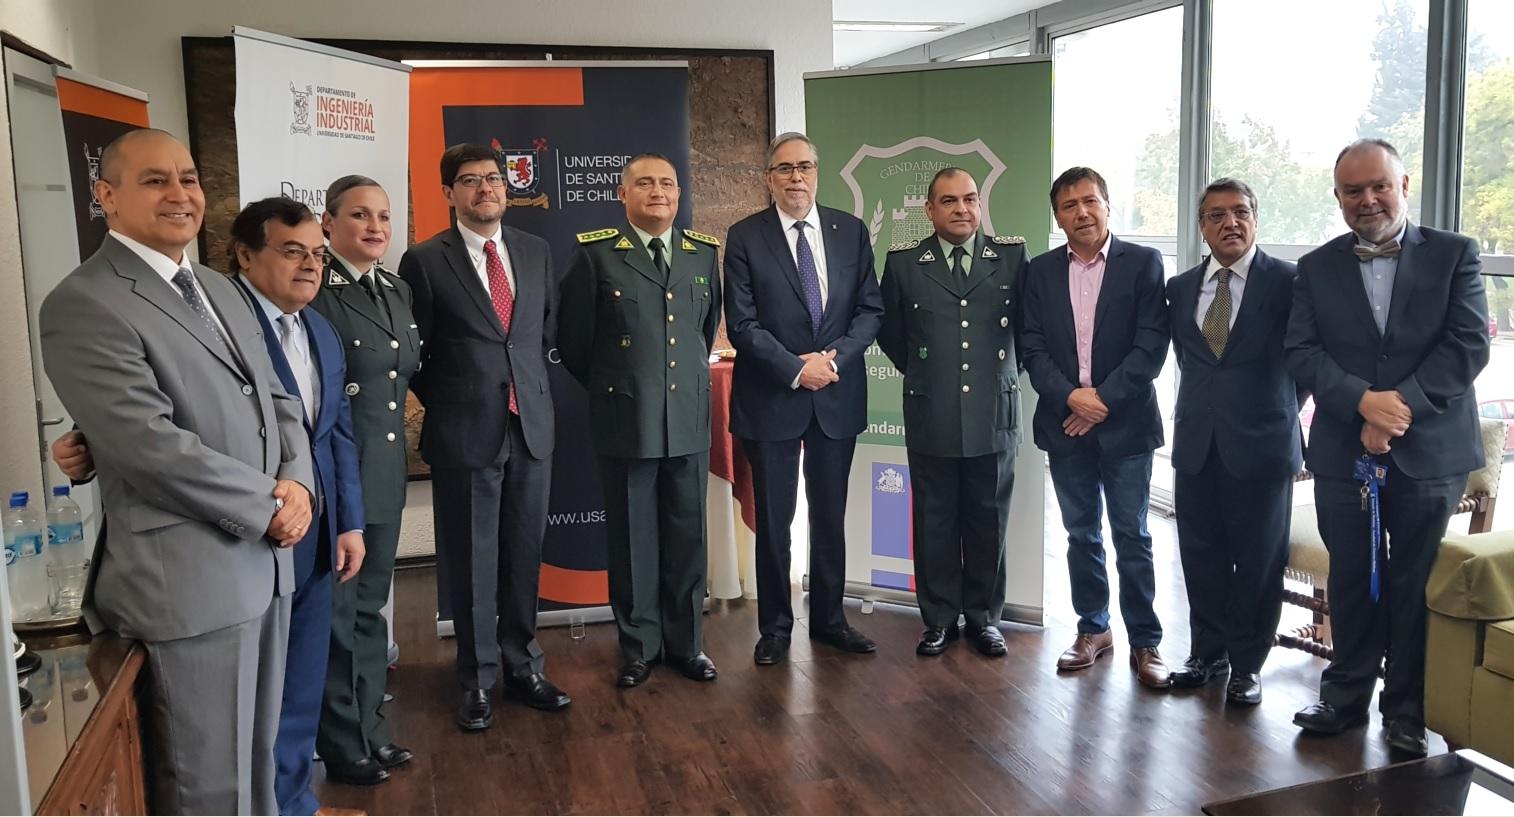 Universidad de Santiago firma convenio con Gendarmería de Chile para el desarrollo de estudios y proyectos tecnológicos.